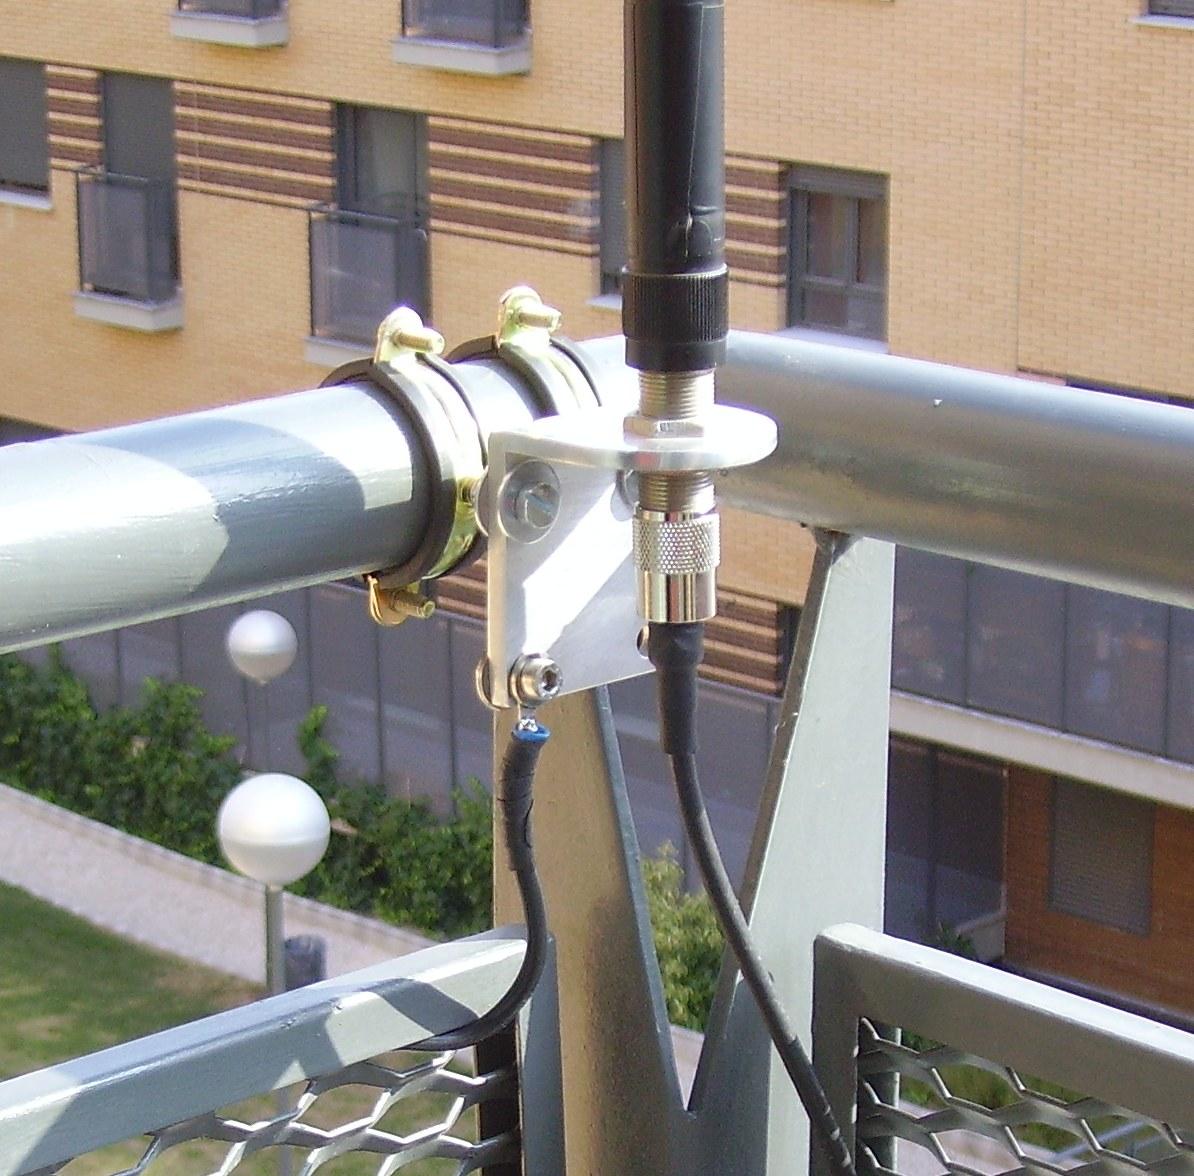 Radioactividad al l mite soportes para antenas ventaneras - Soporte para antena ...